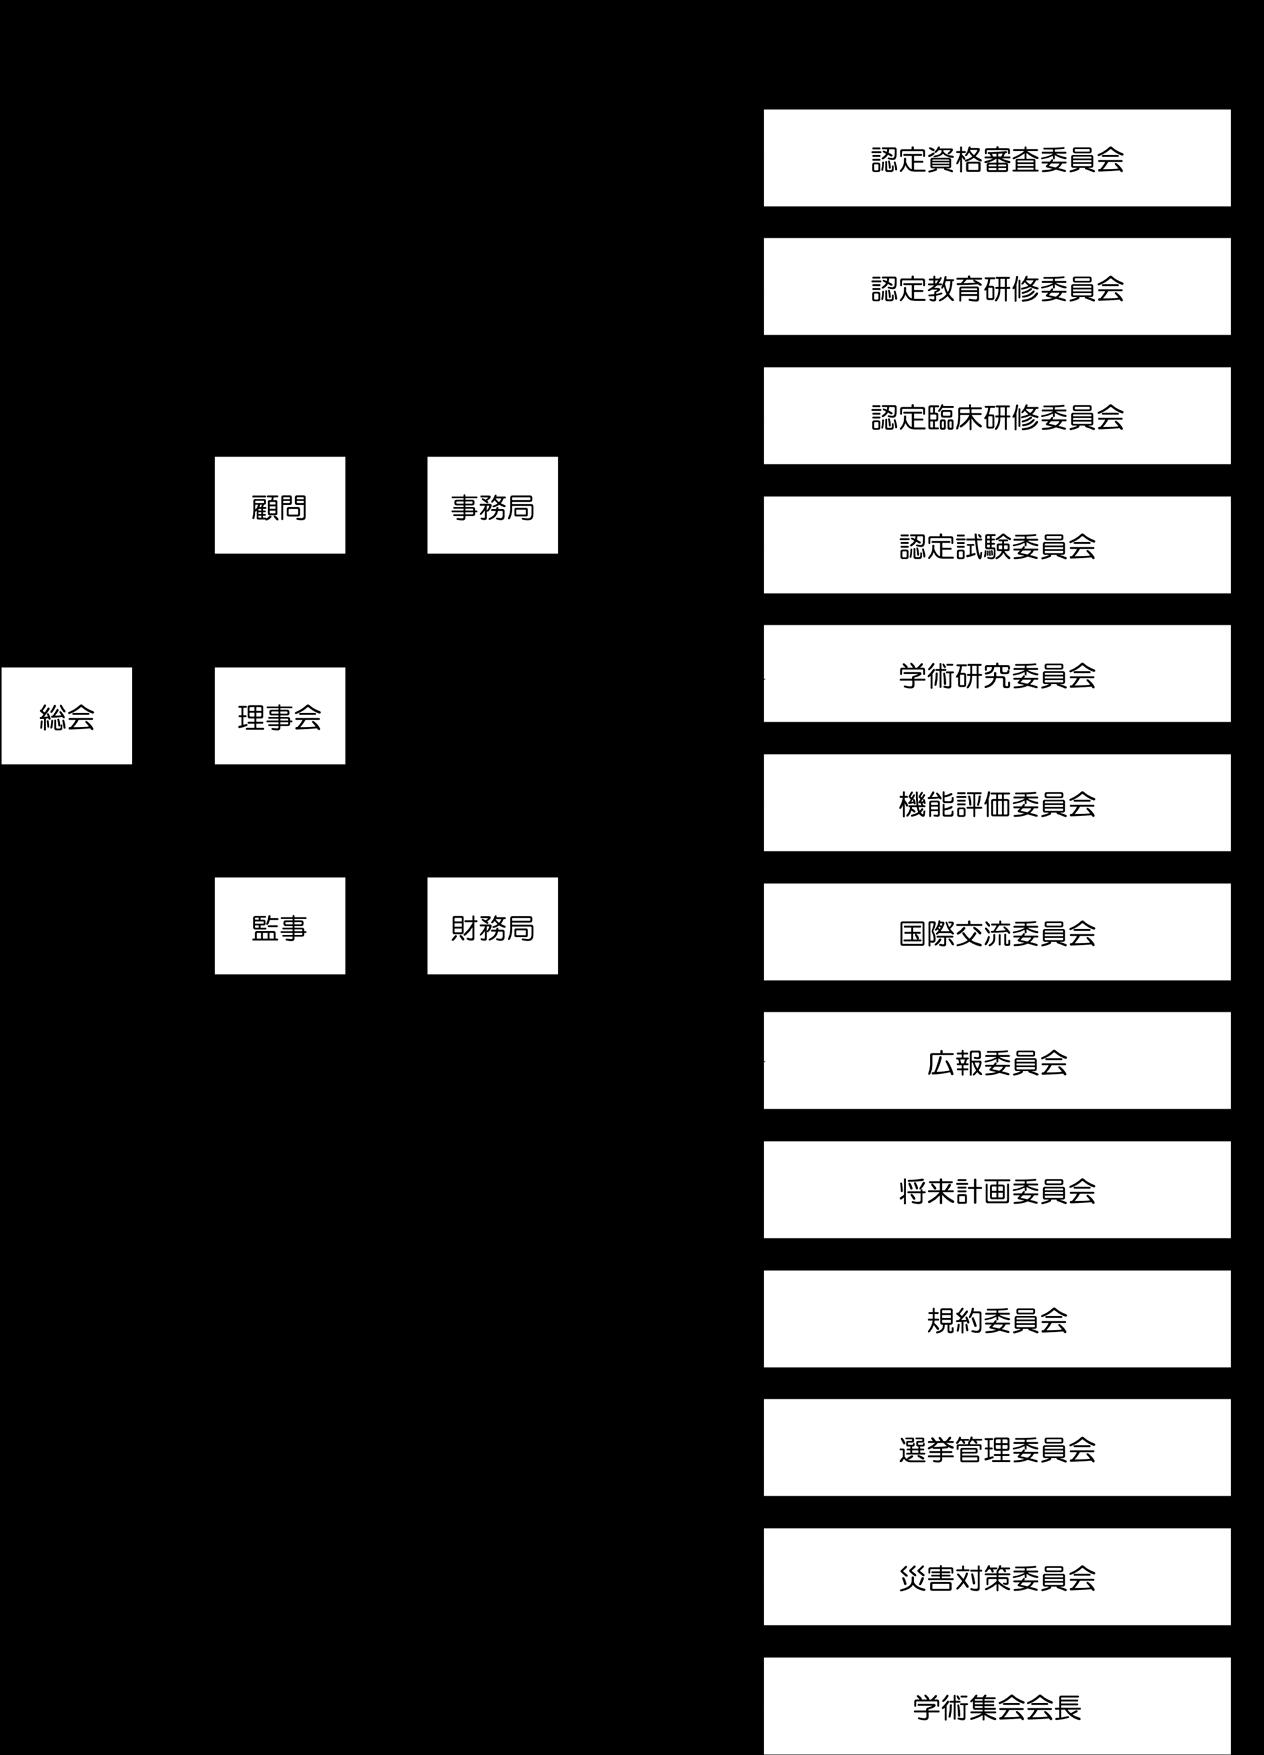 日本ハンドセラピィ学会 組織図